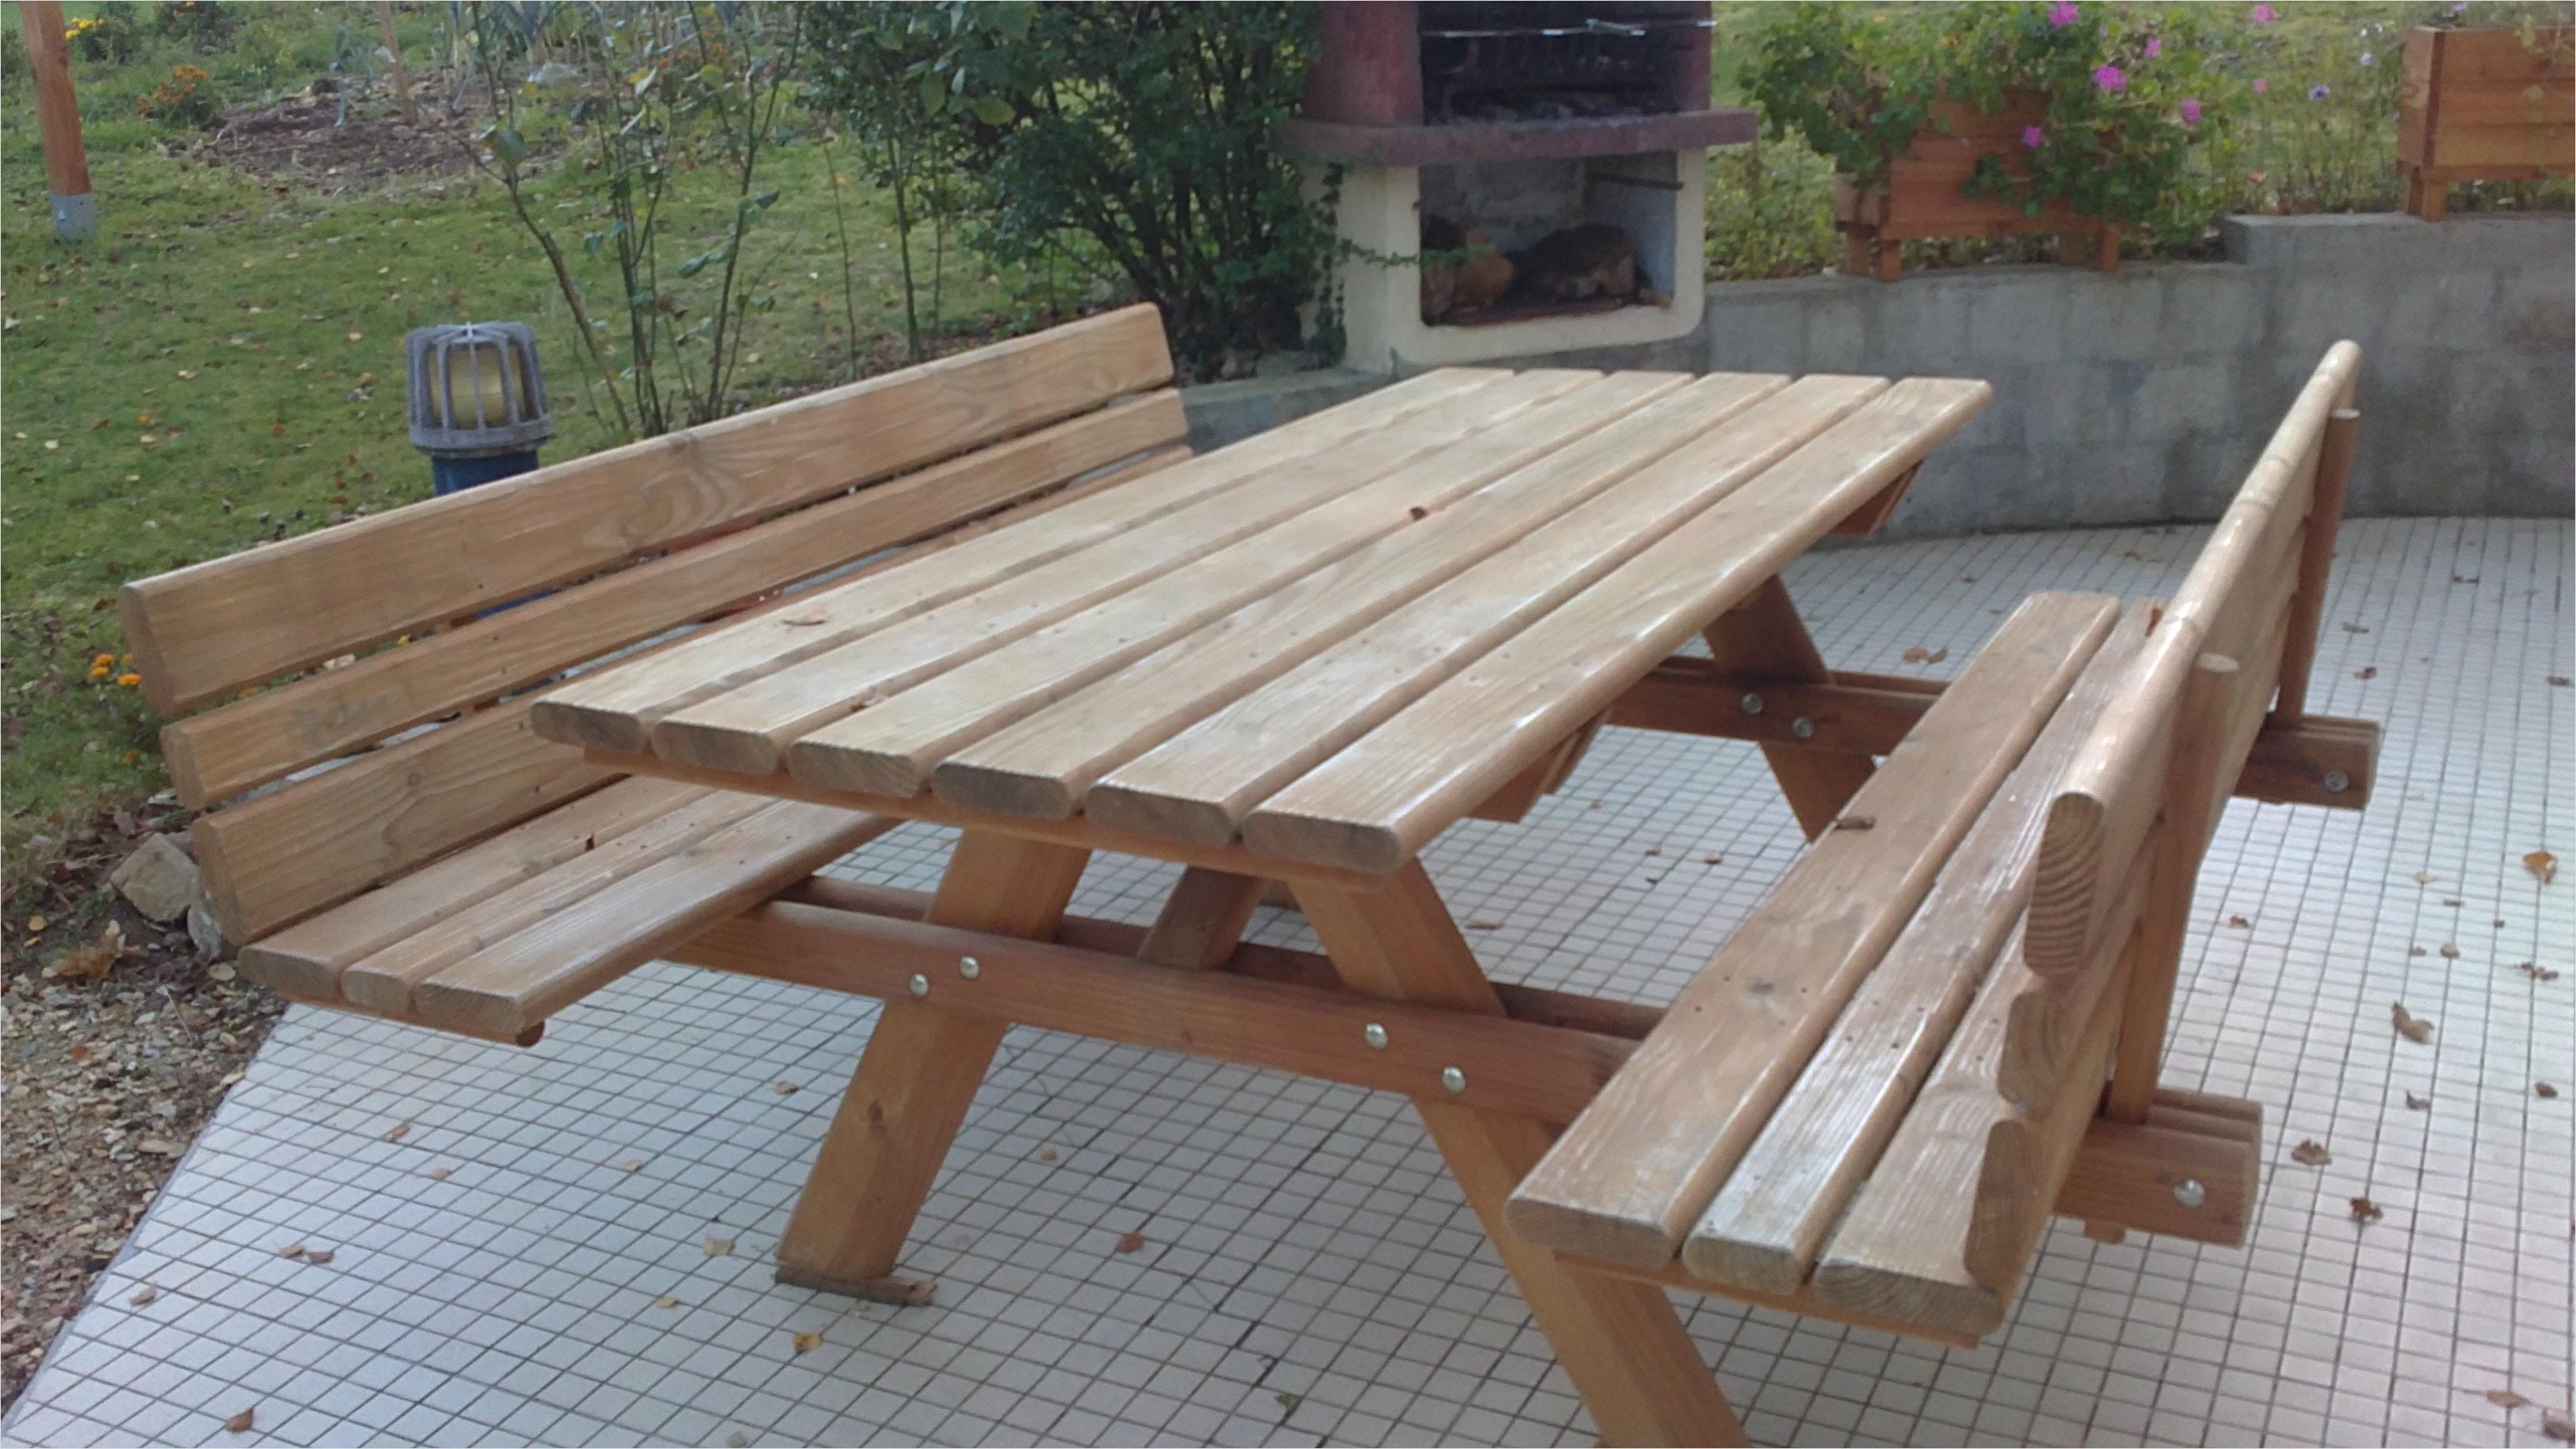 Lit Bois Et Chiffon Beau Photos Table Bois Et Chiffons Occasion De Artistique Emejing Table De